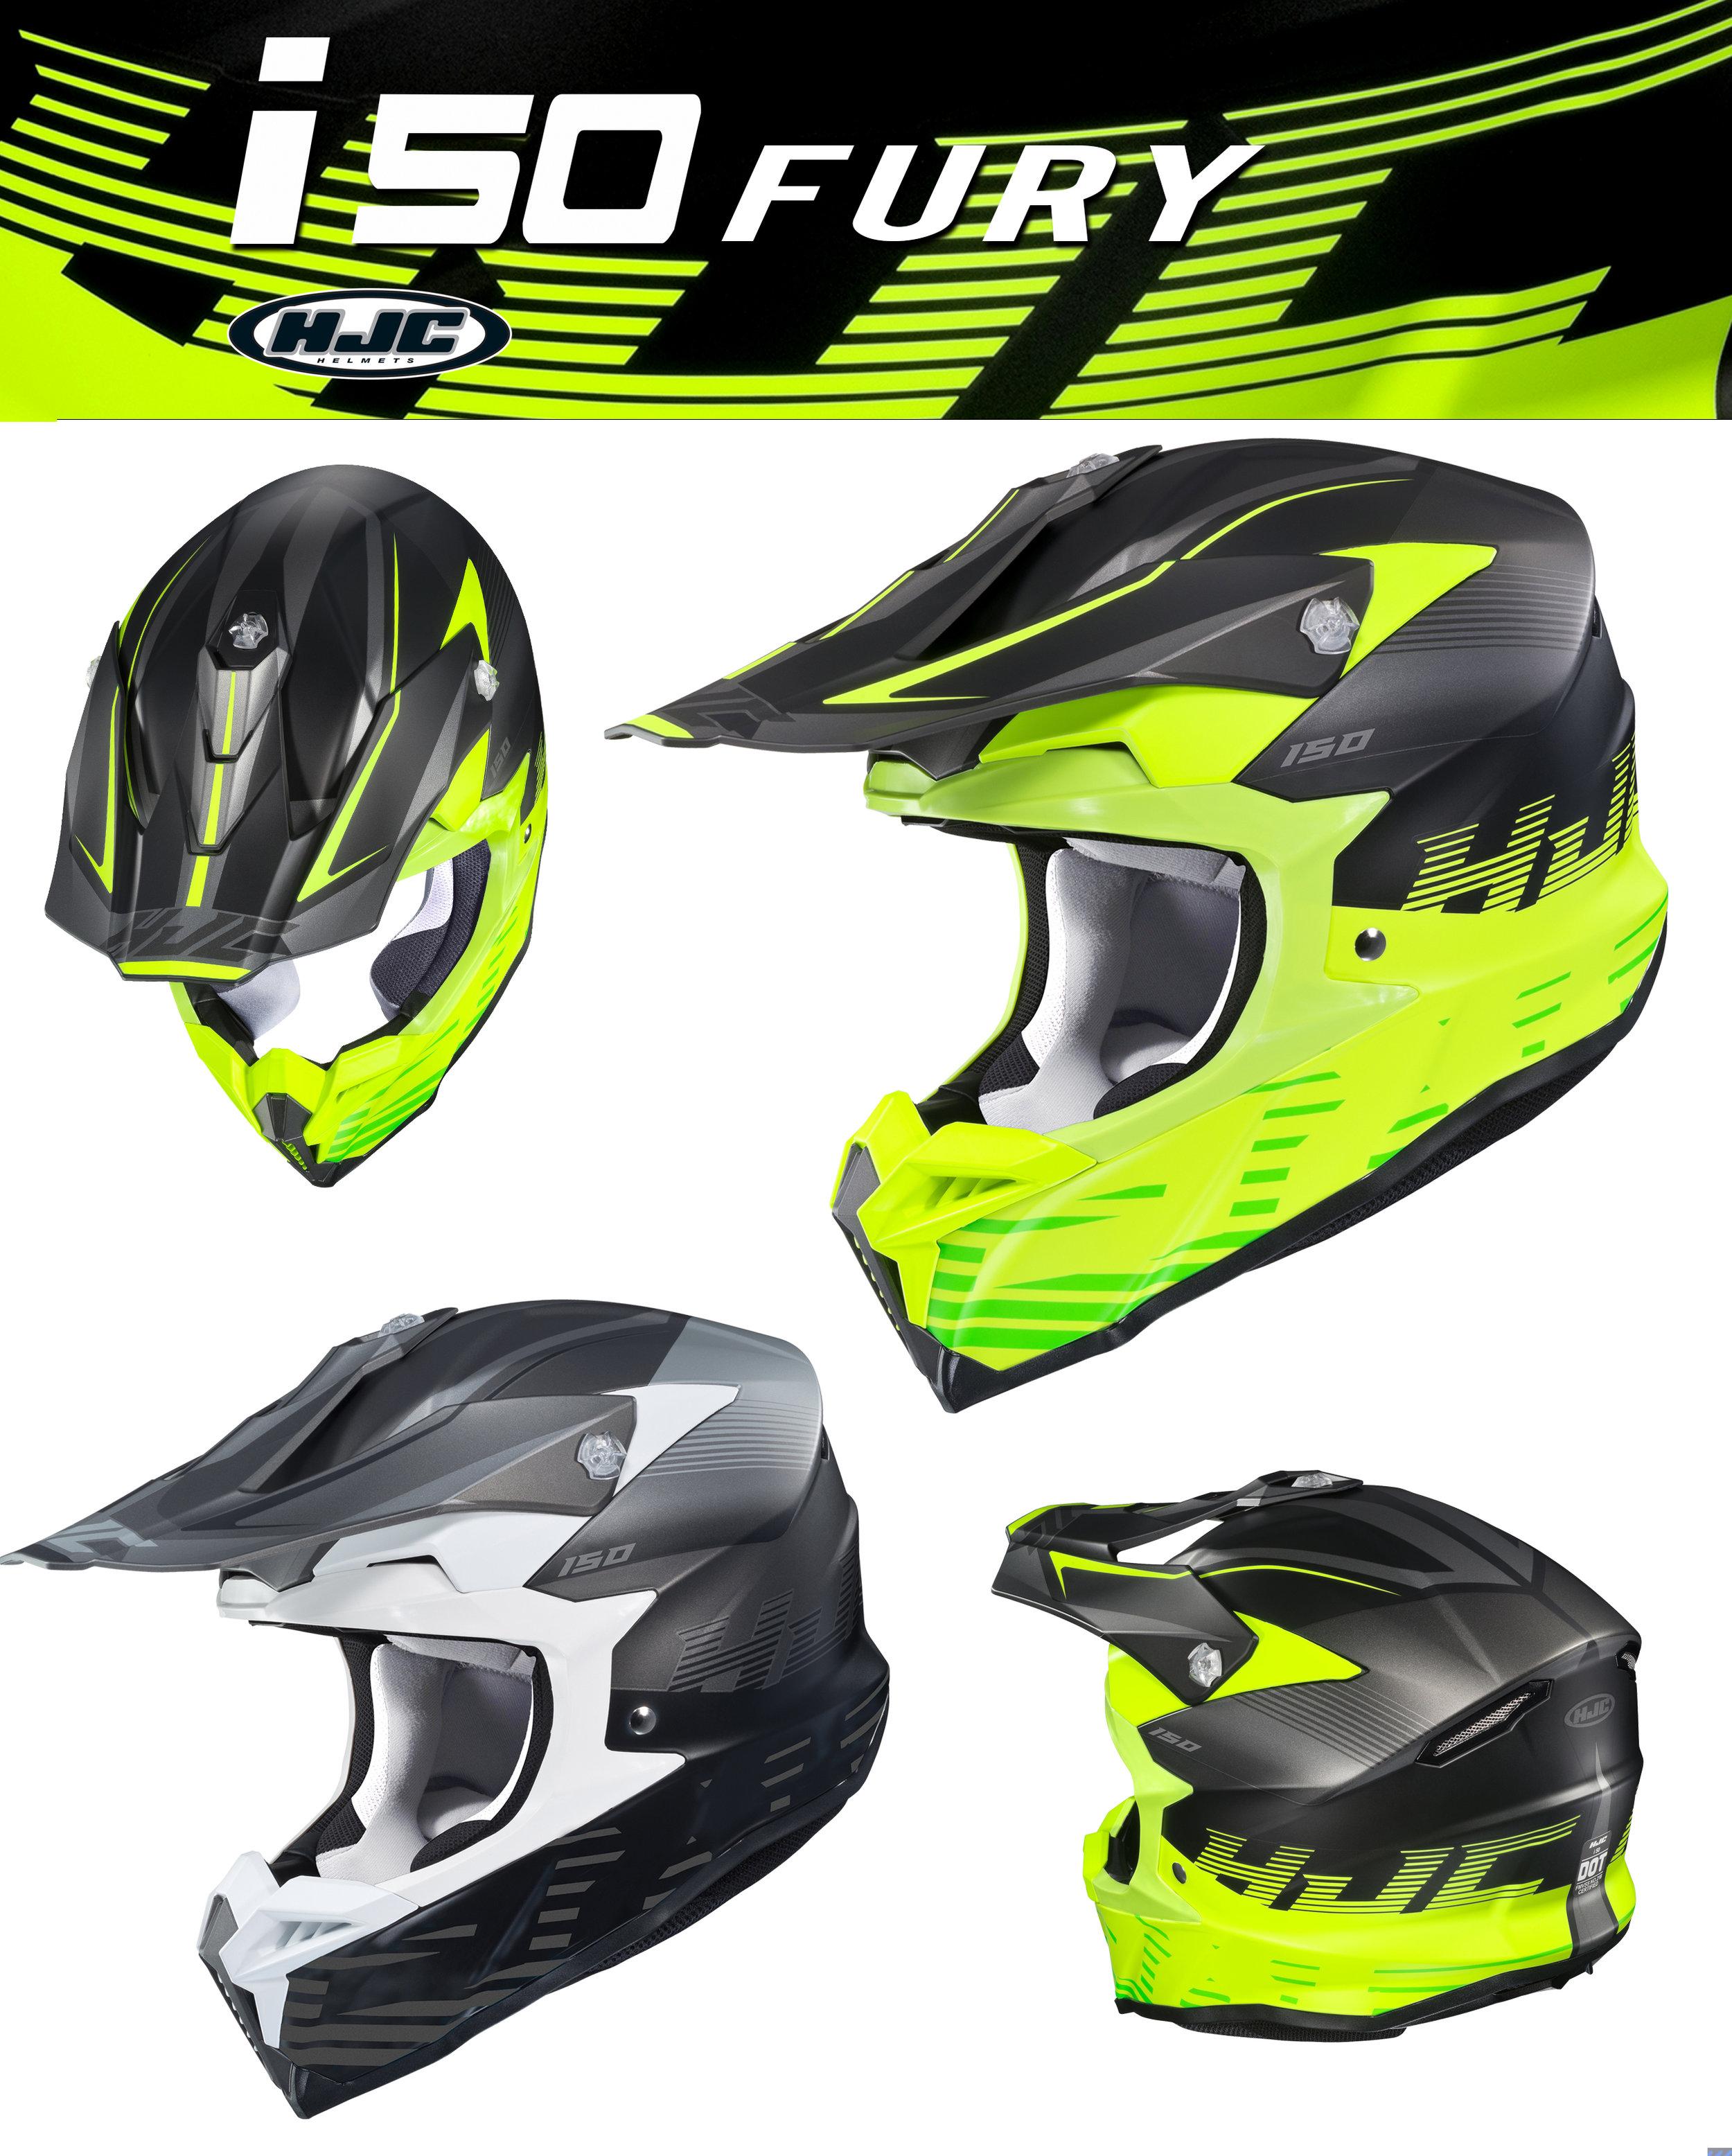 i50 Fury Helmet Post.jpg